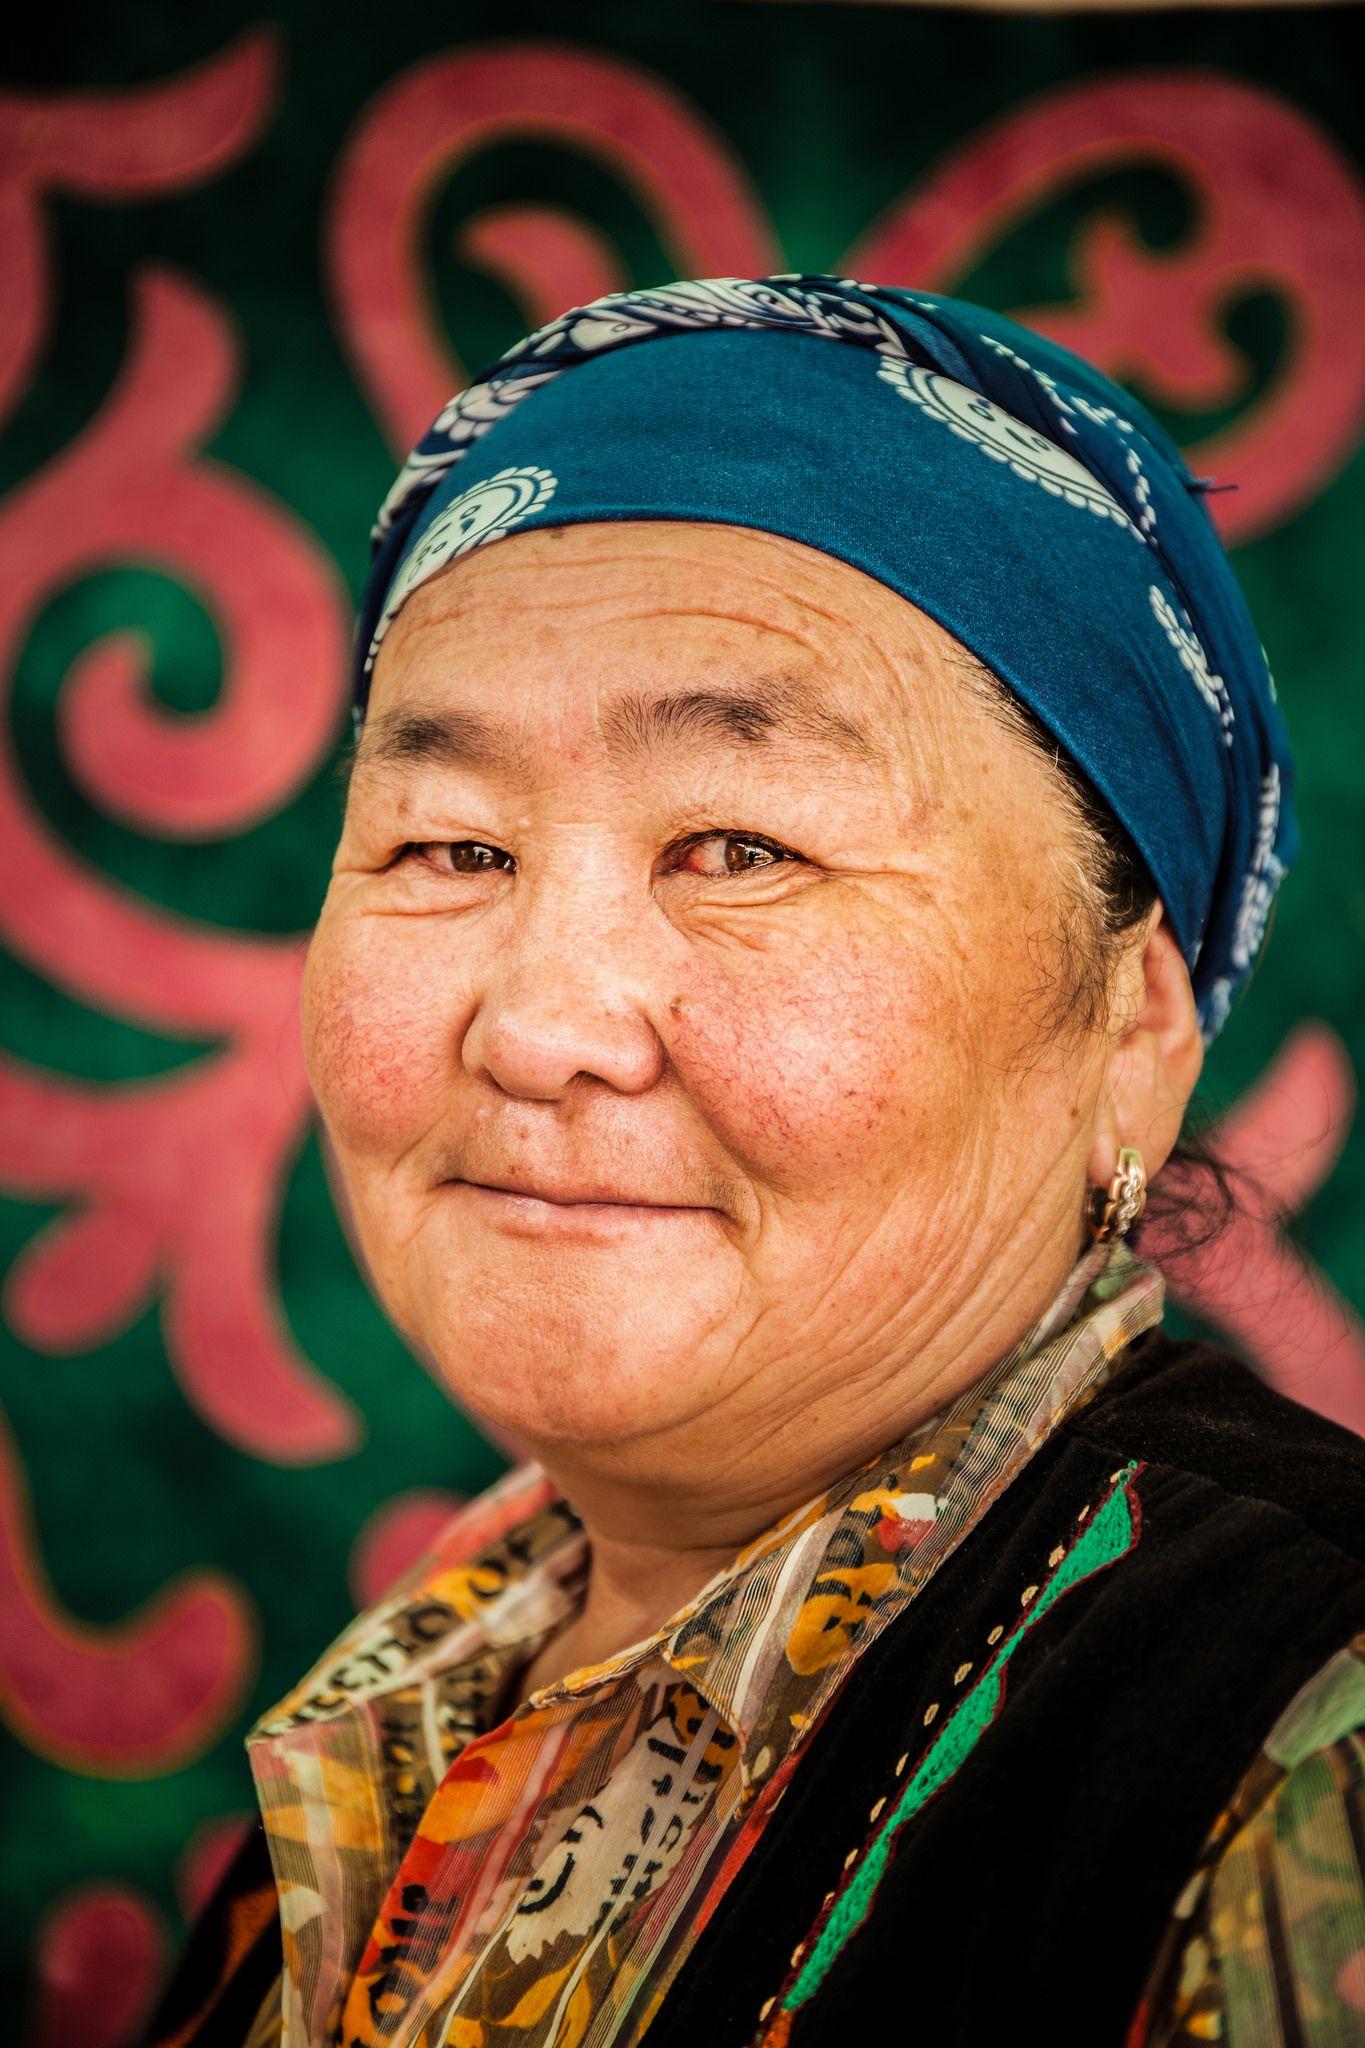 Women in Kyrgyzstan - Wikipedia